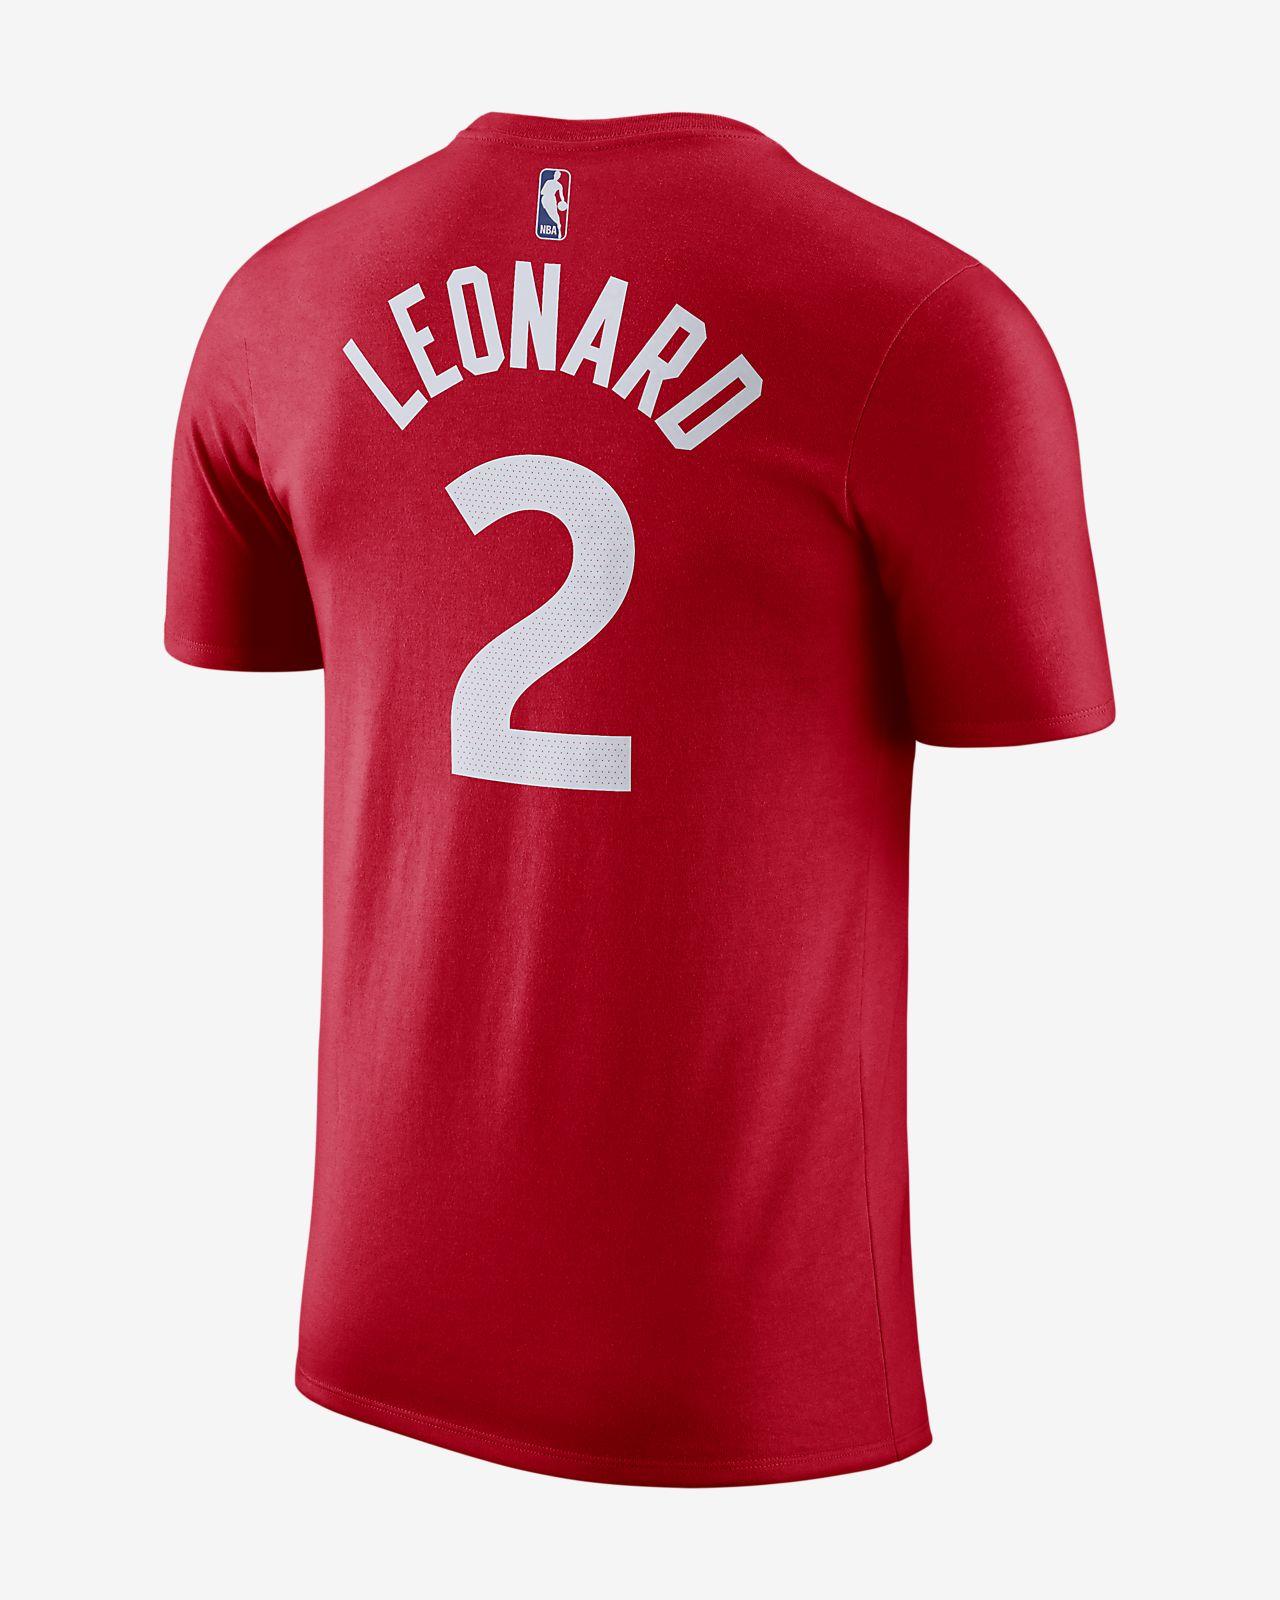 8215b54ce Kawhi Leonard Toronto Raptors Nike Dri-FIT Men s NBA T-Shirt. Nike.com